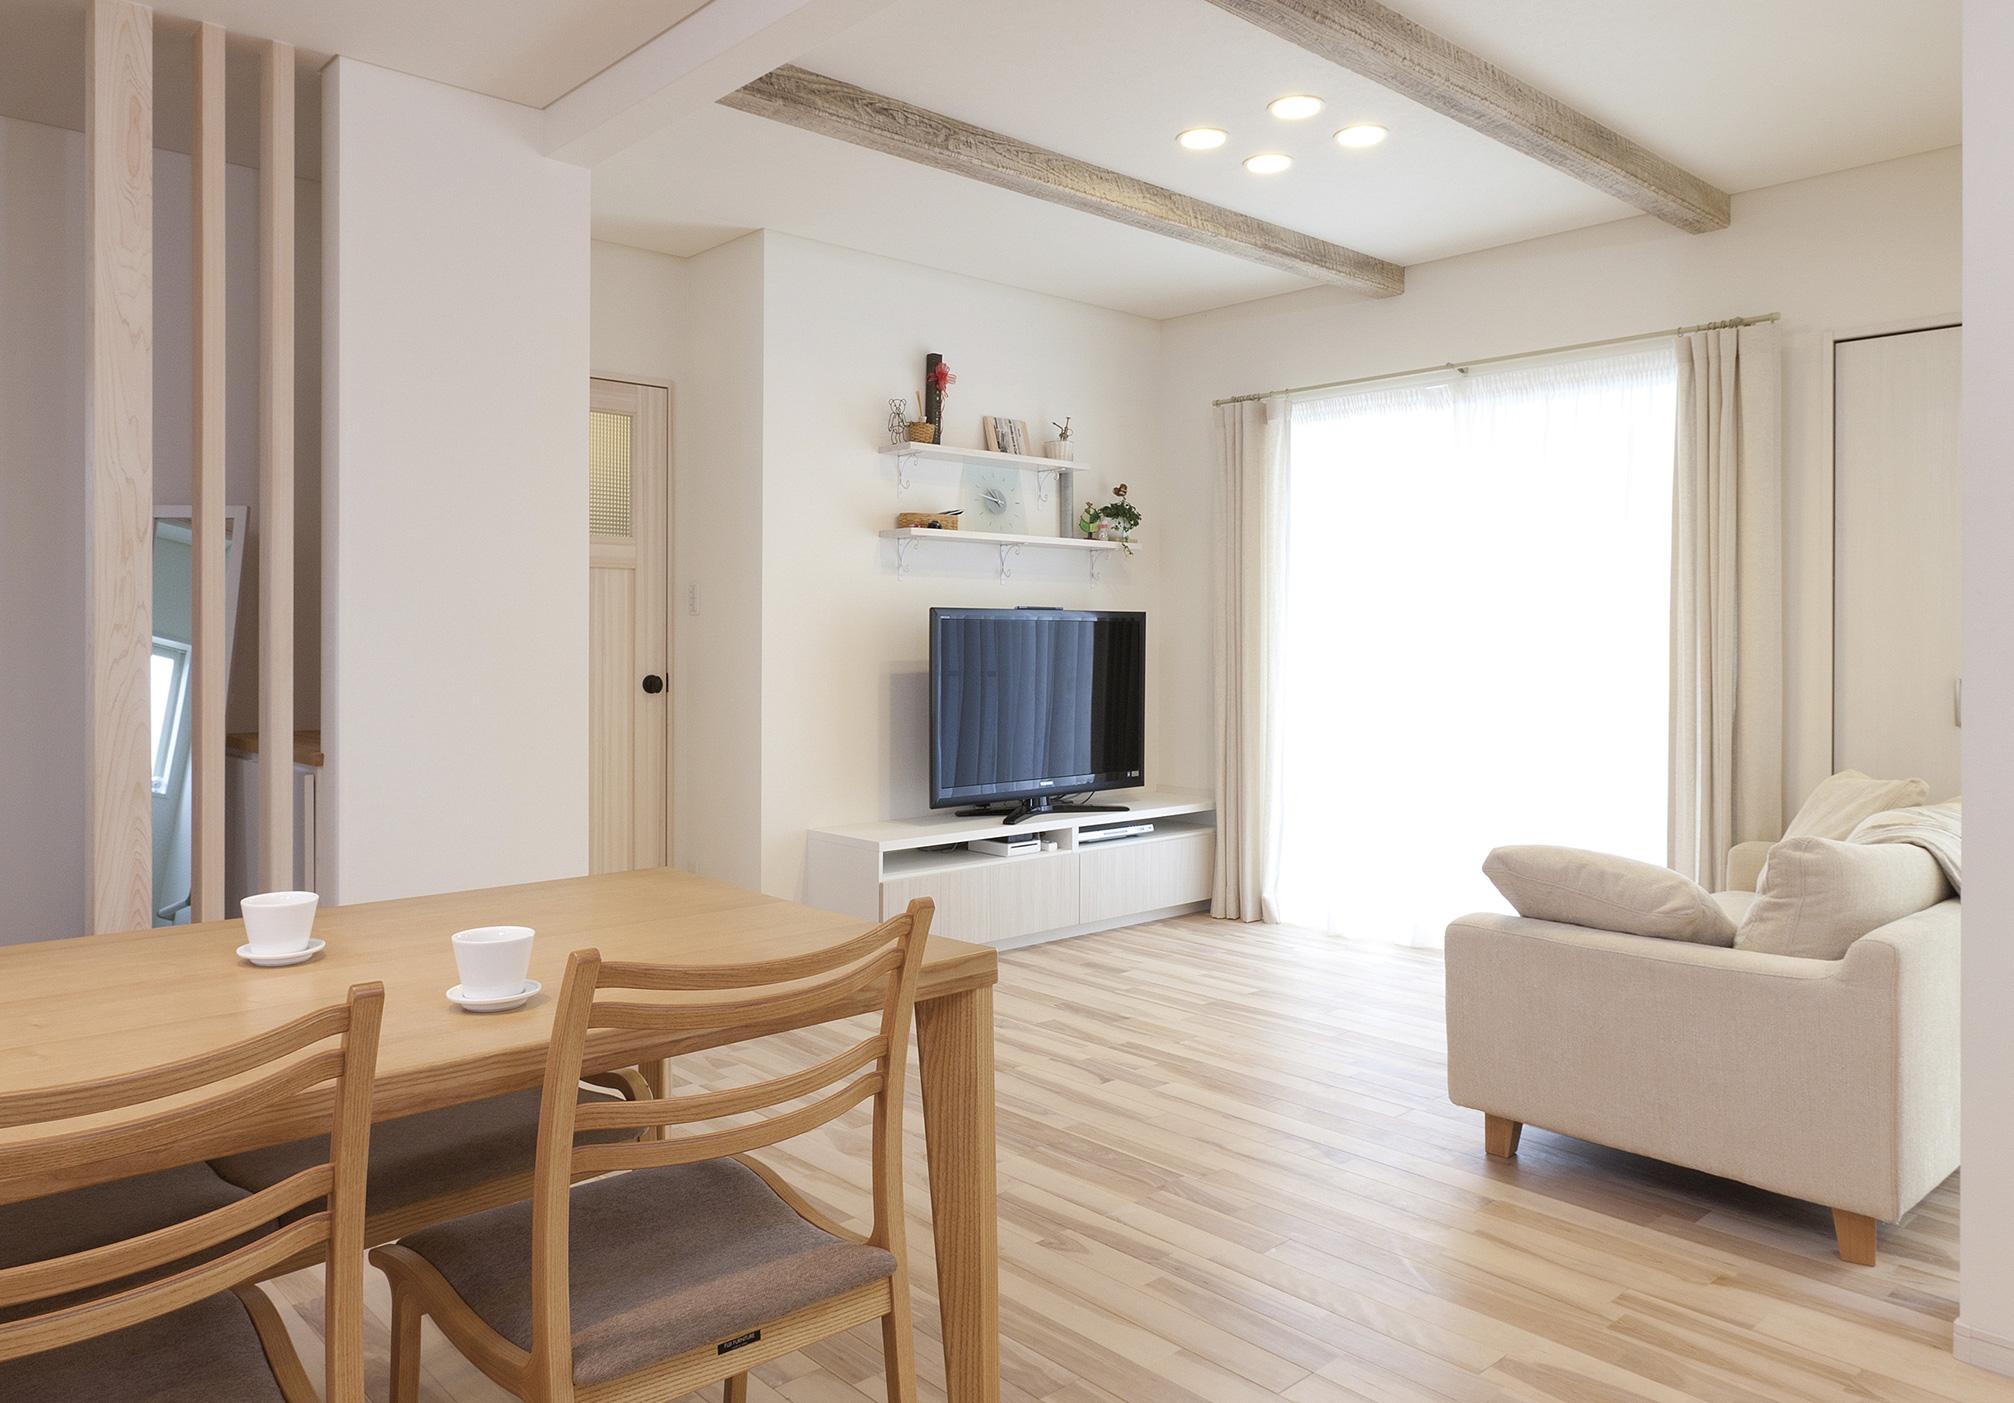 メイプルの無垢材を採用し、白をモチーフにやわらかい光に包まれたリビング・ダイニング。仕切りのないゆったりとした空間は、素朴な味わいを醸し出す天井の化粧梁をアクセントに